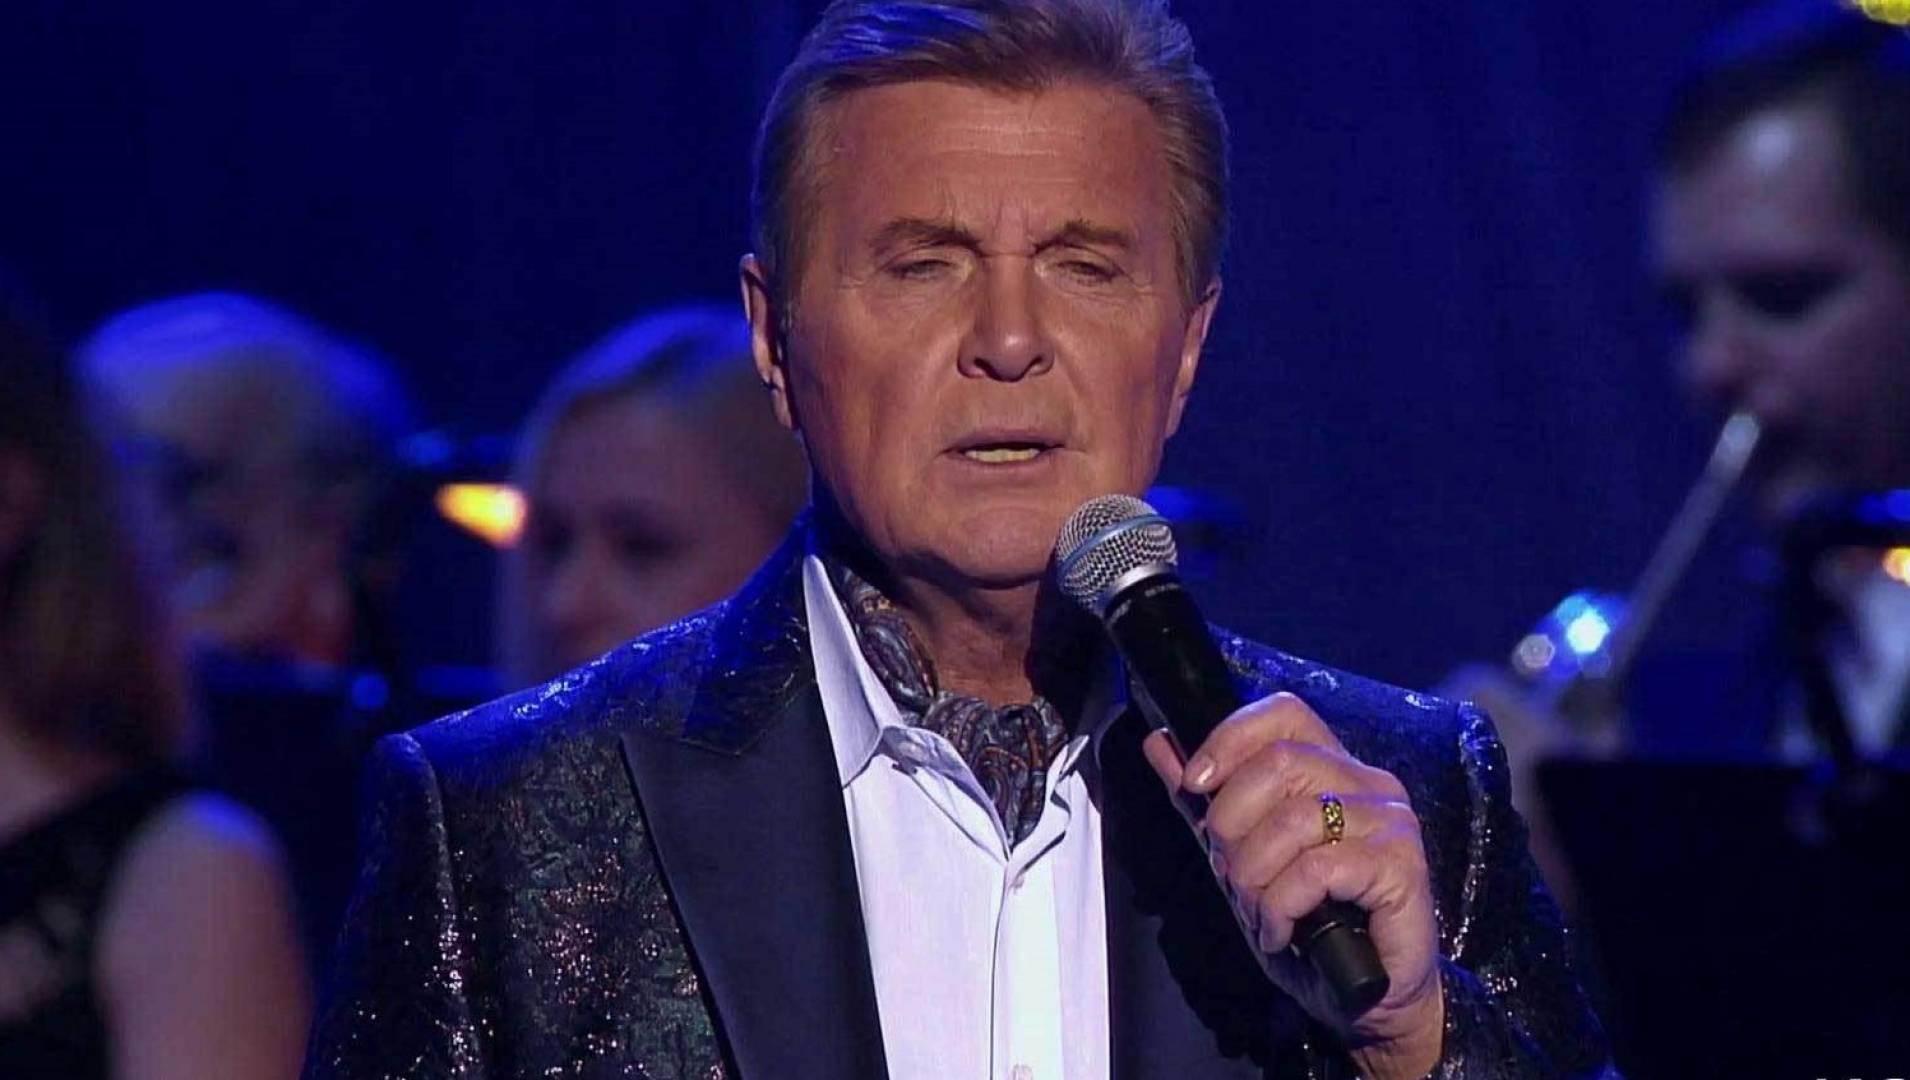 Юбилейный концерт Льва Лещенко в Государственном Кремлевском дворце - Концерт